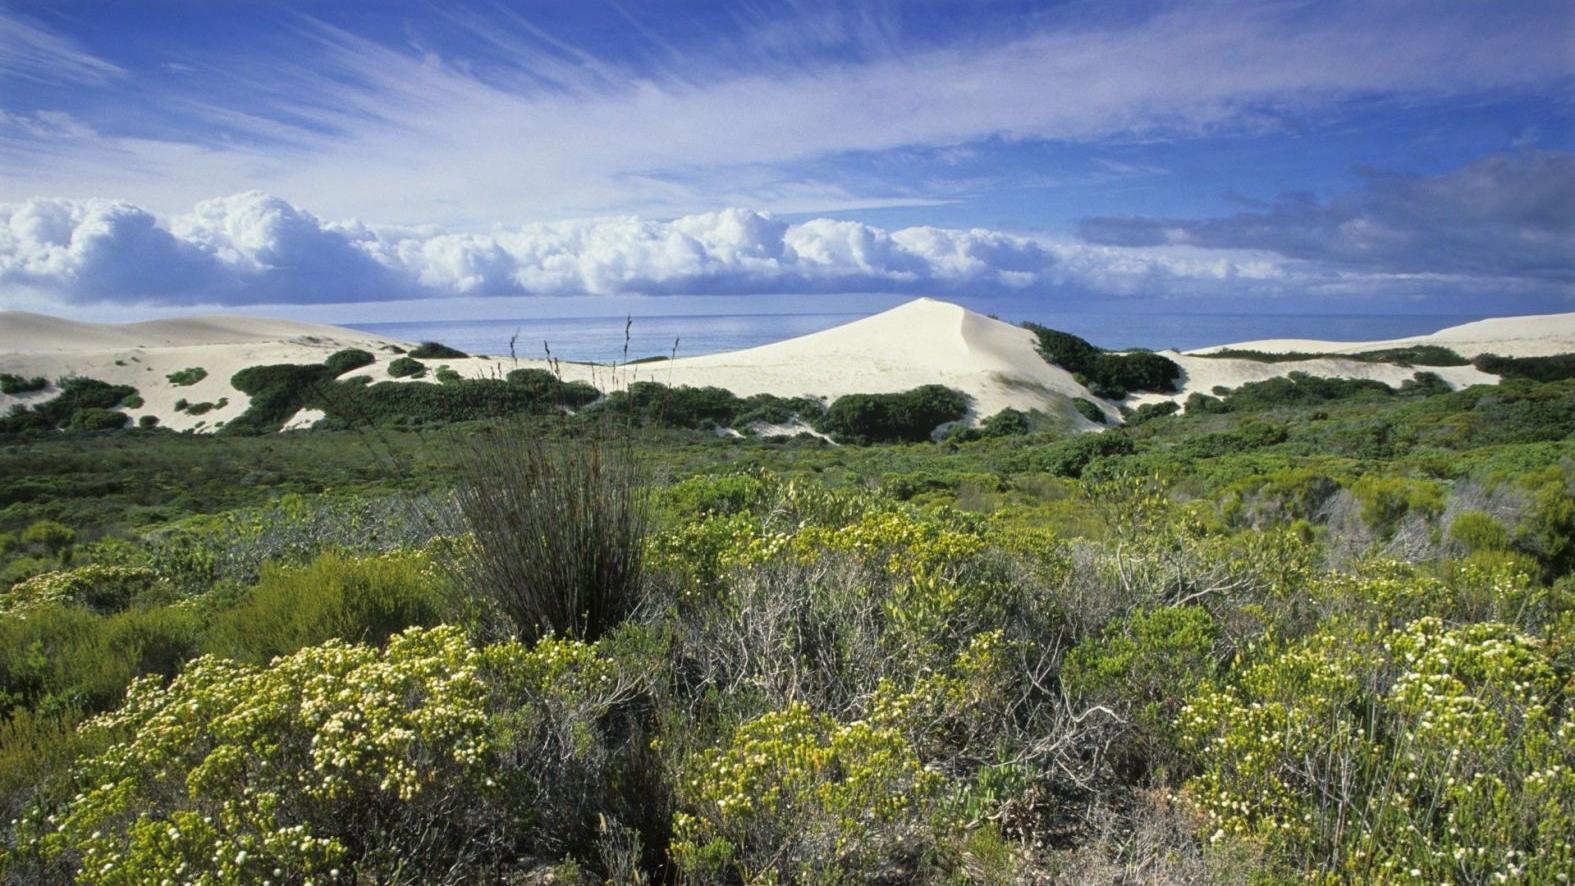 de-hoop-nature-reserve-zuid-afrika-zandduinen-en-fynbos-en-oceaan.jpg